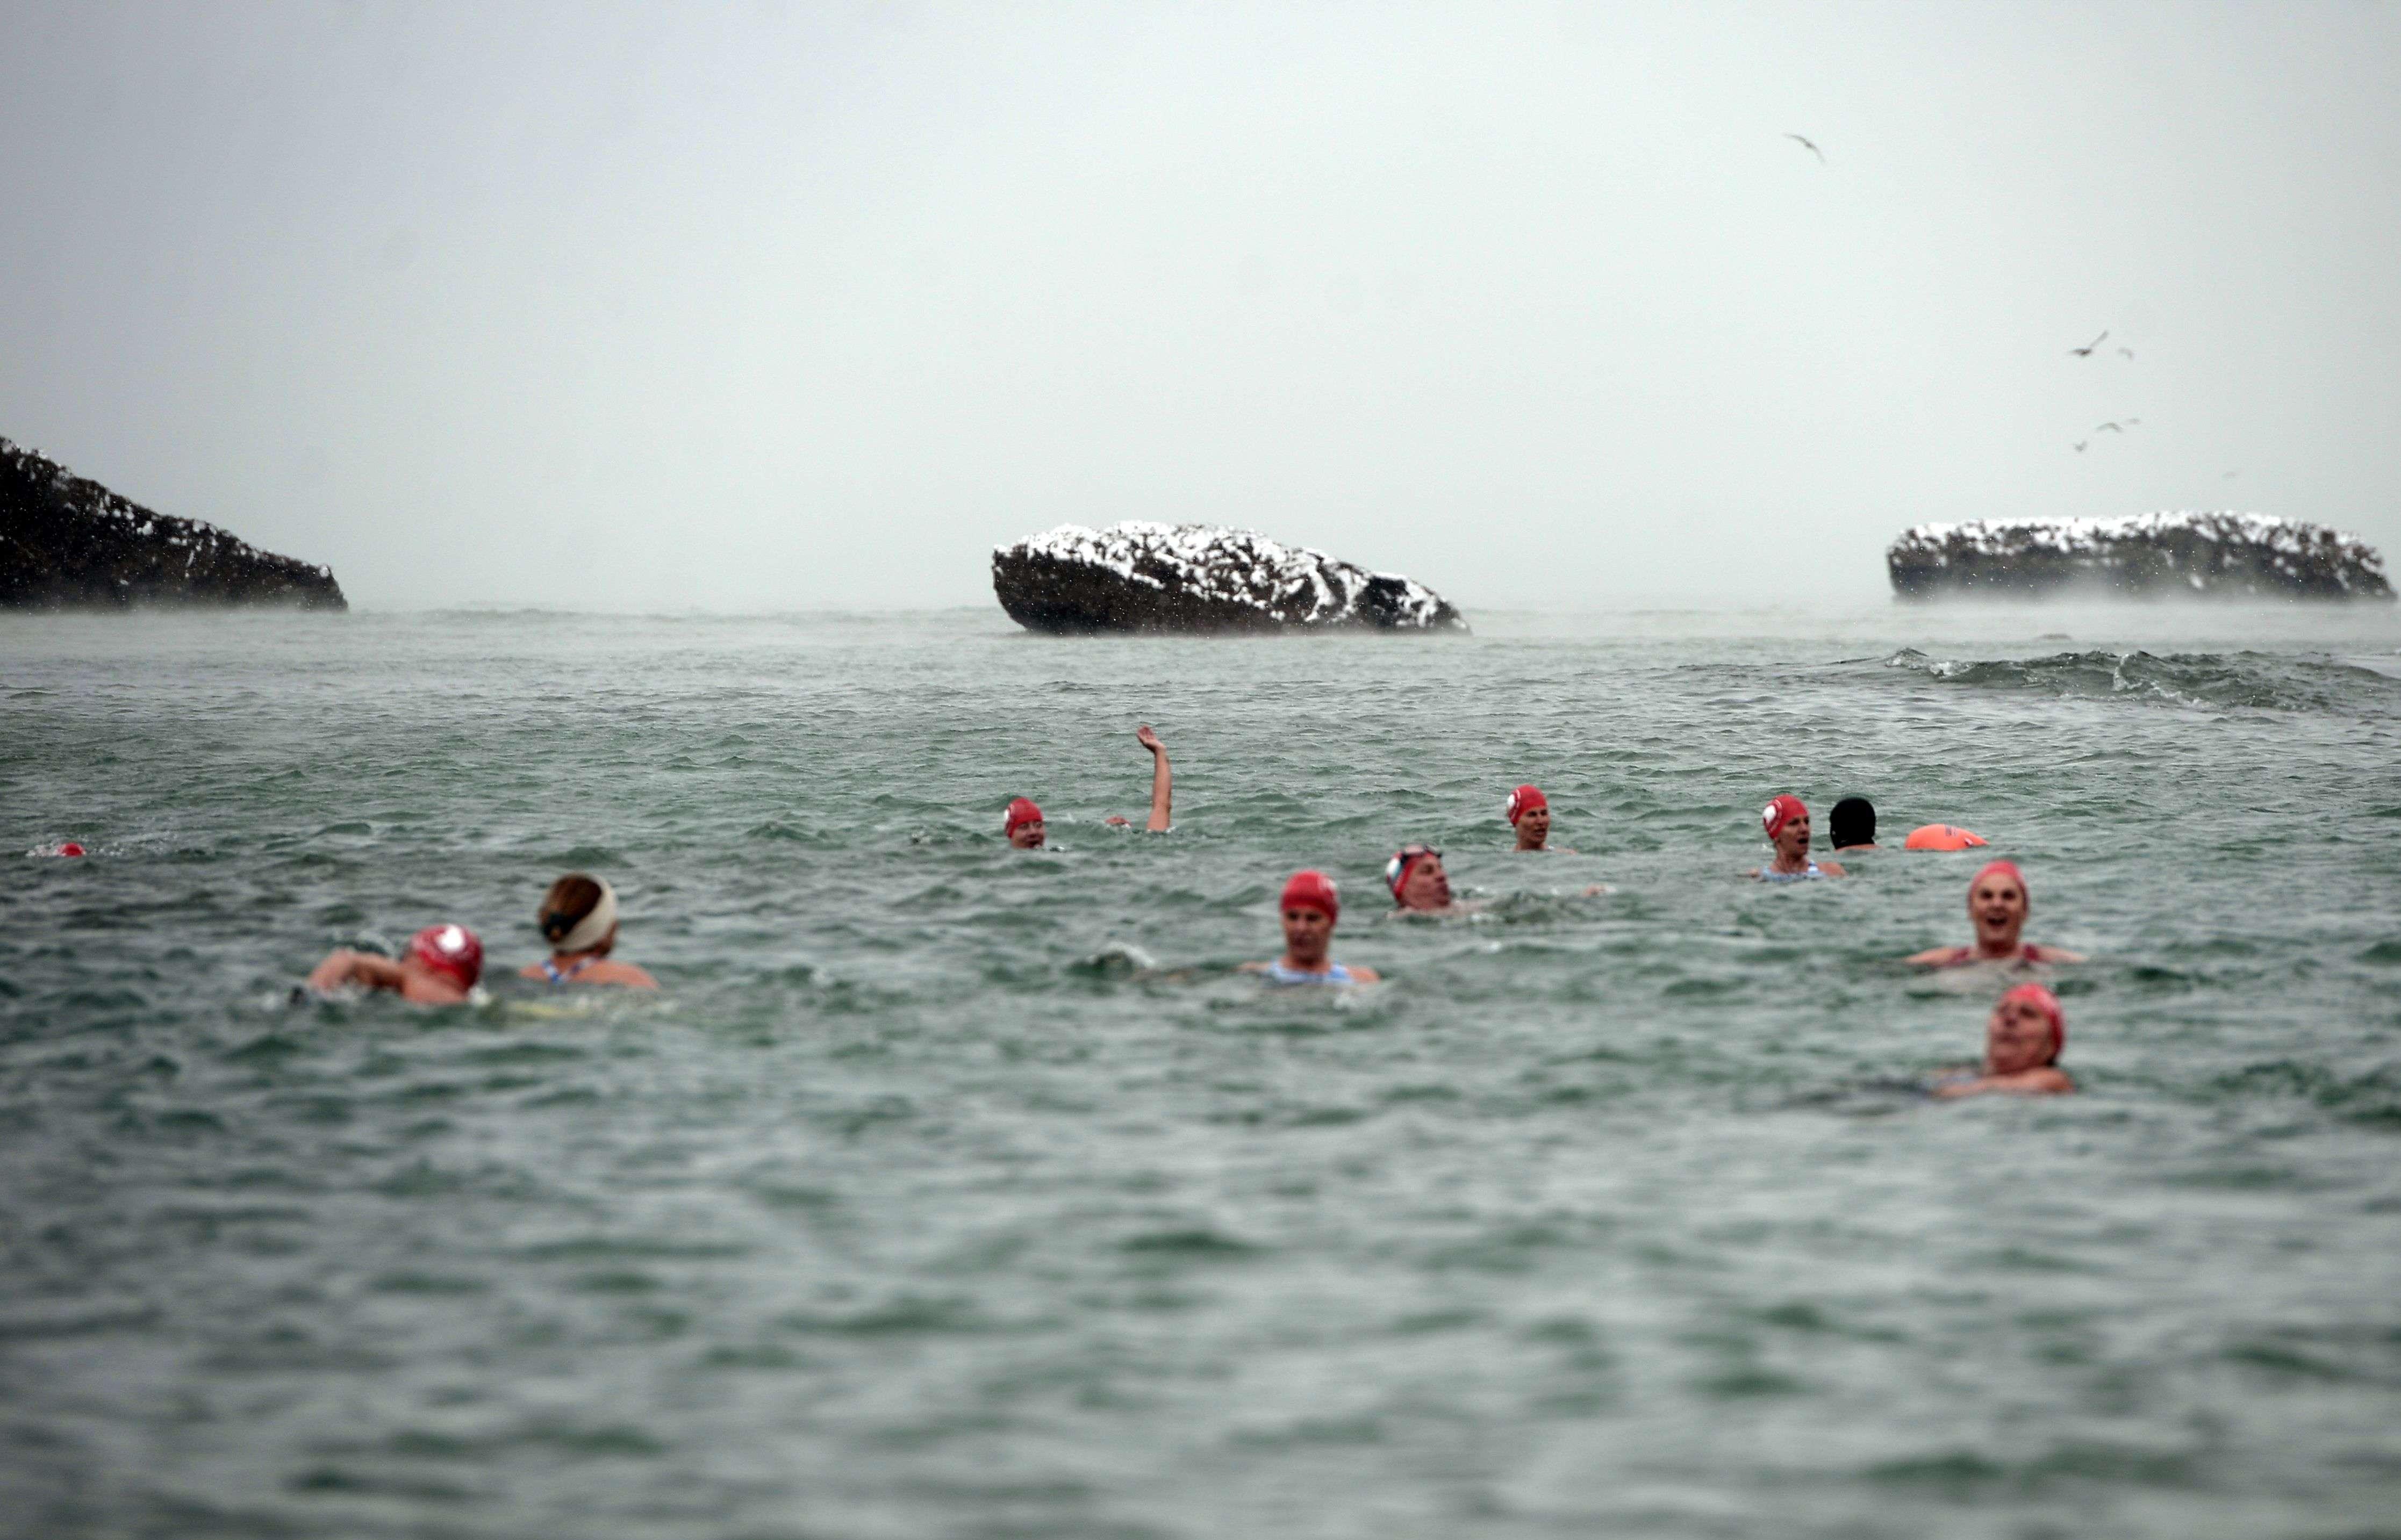 Des membres de l'association des Ours blancs nagent dans l'océan, le 28 février, à Biarritz.